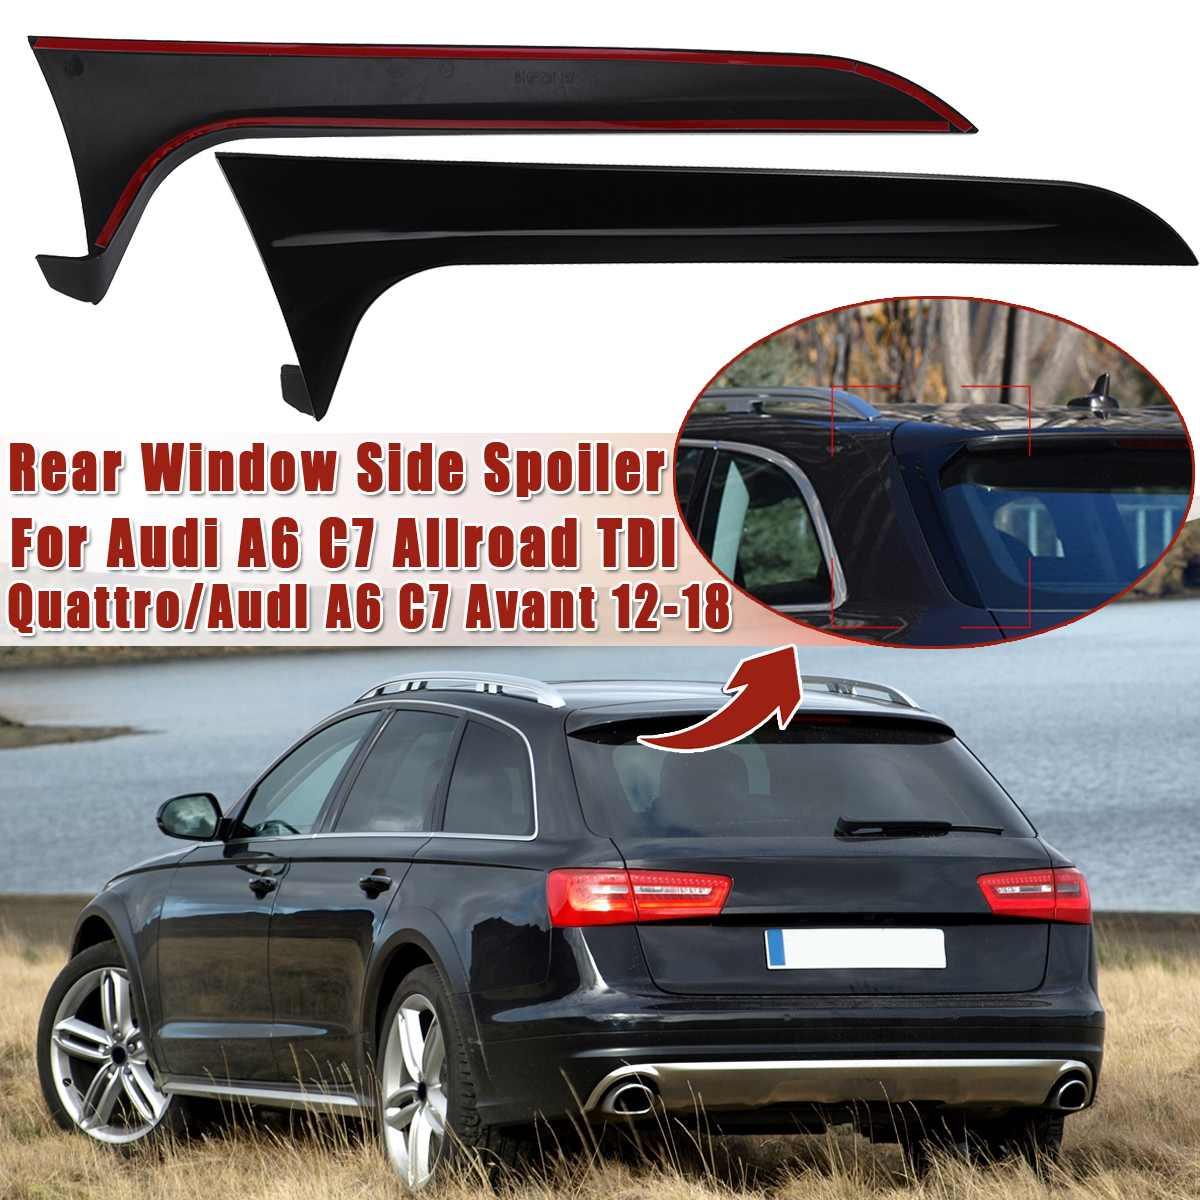 Arka arkasında Spoiler yan şerit kapağı dış tamir kiti için Fit Audi A6 C7 Allroad TDI Quattro/ avant için 2012-2018